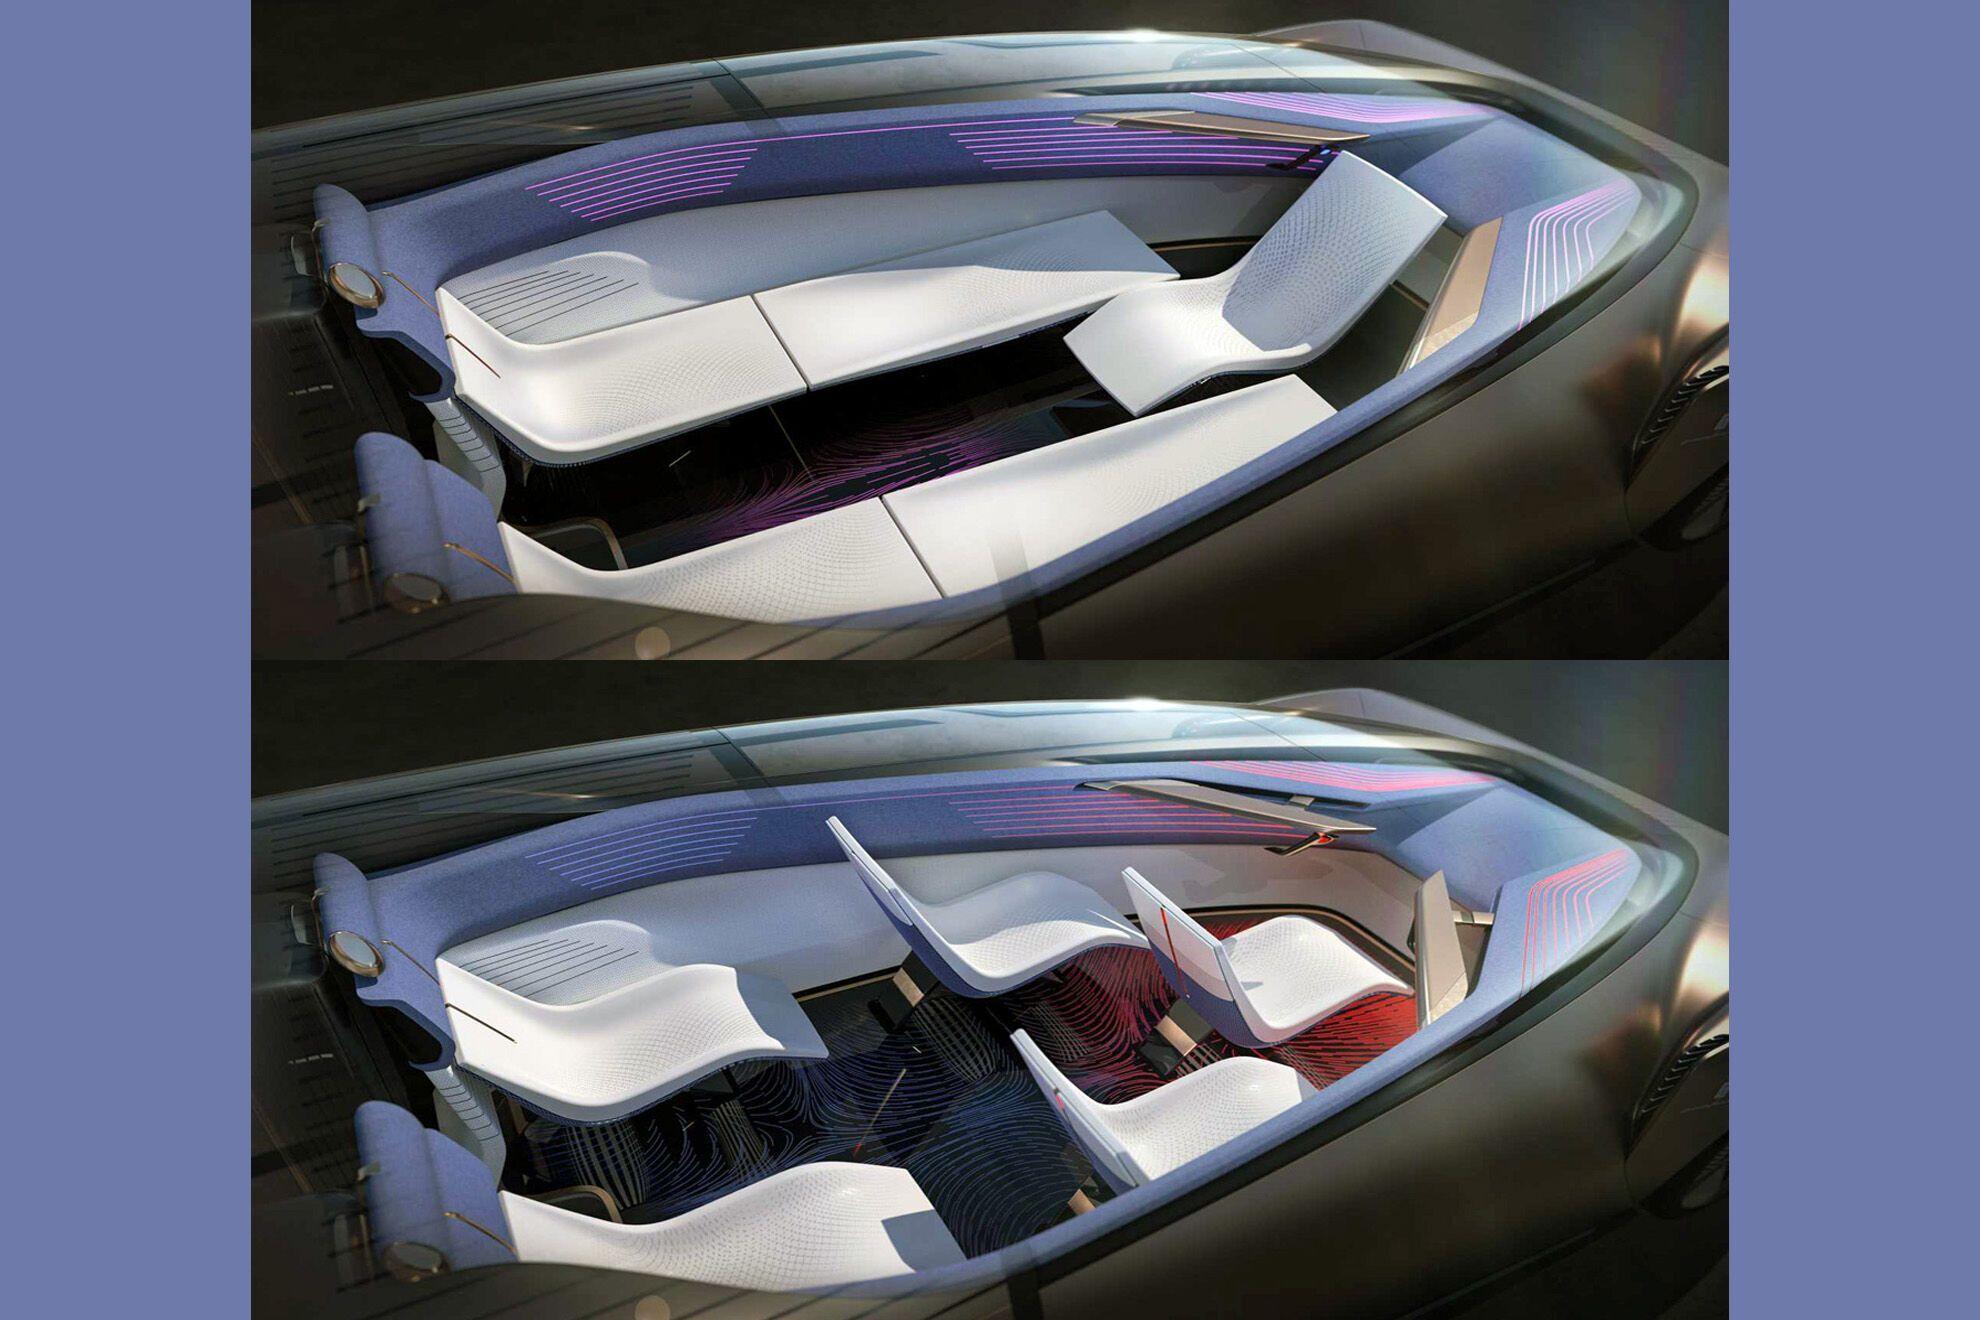 Пассажирские кресла могут трансформироваться в спальные места, а водительское – разворачиваться на 180 градусов